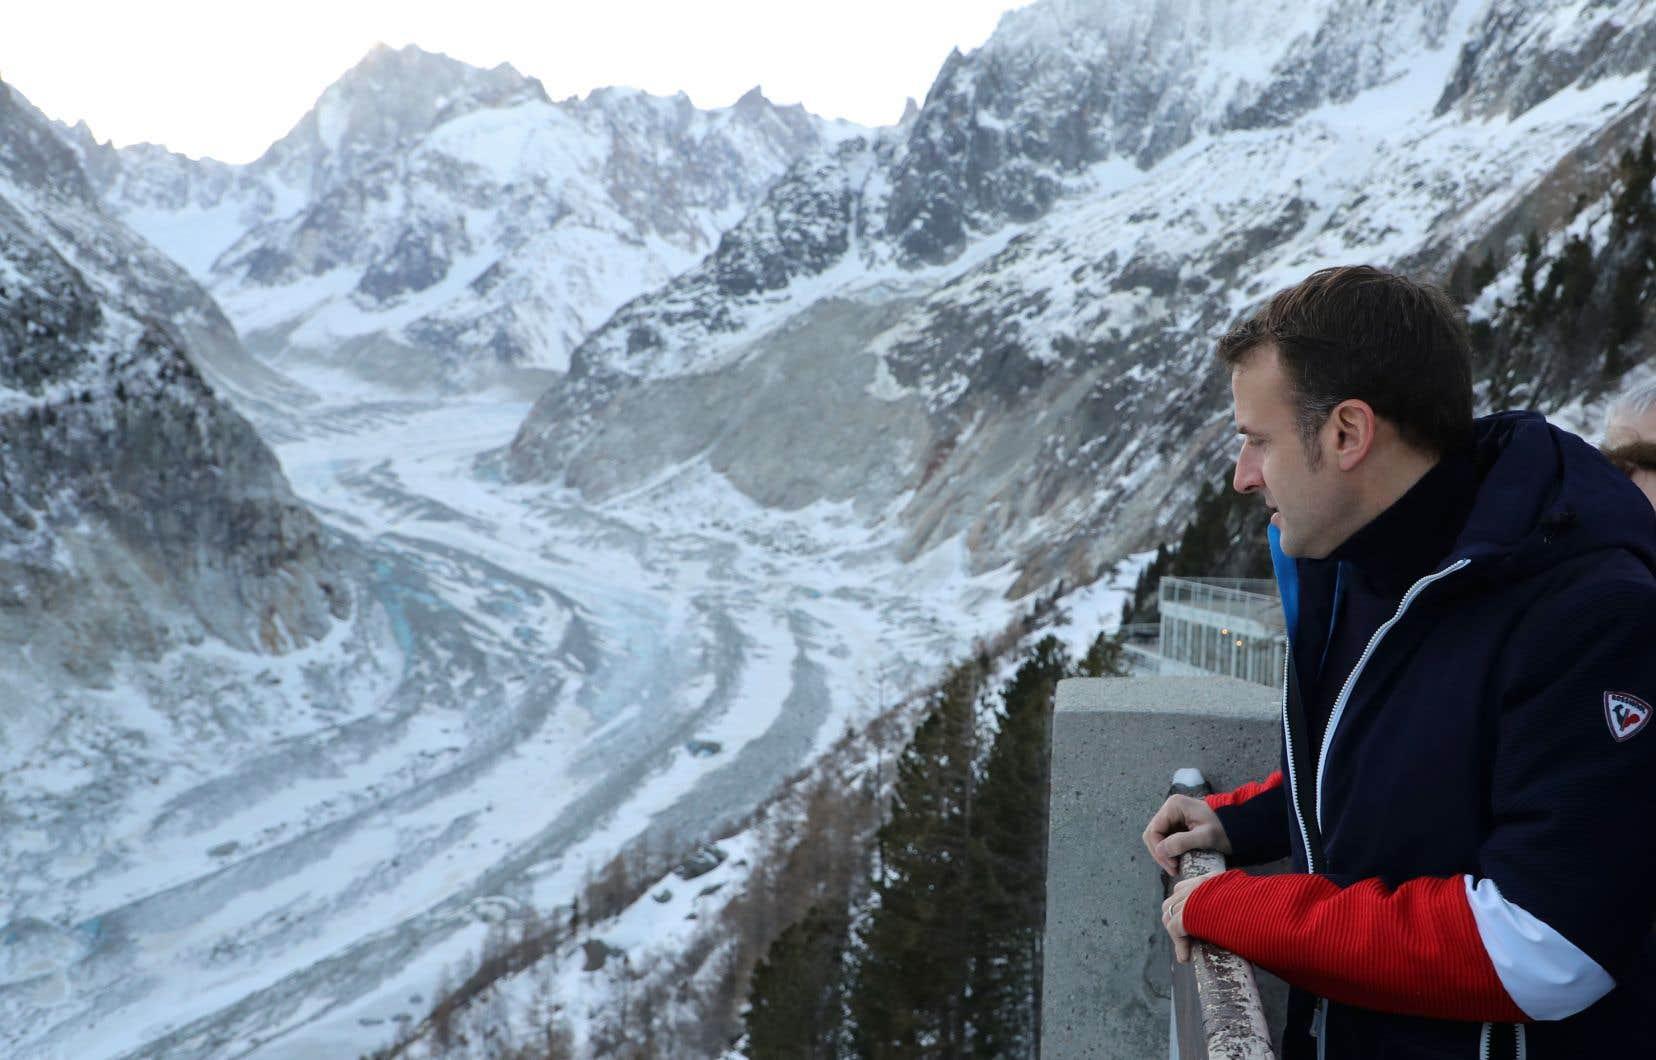 Le président français, Emmanuel Macron, a visité l'immense glacier des Alpes jeudi.